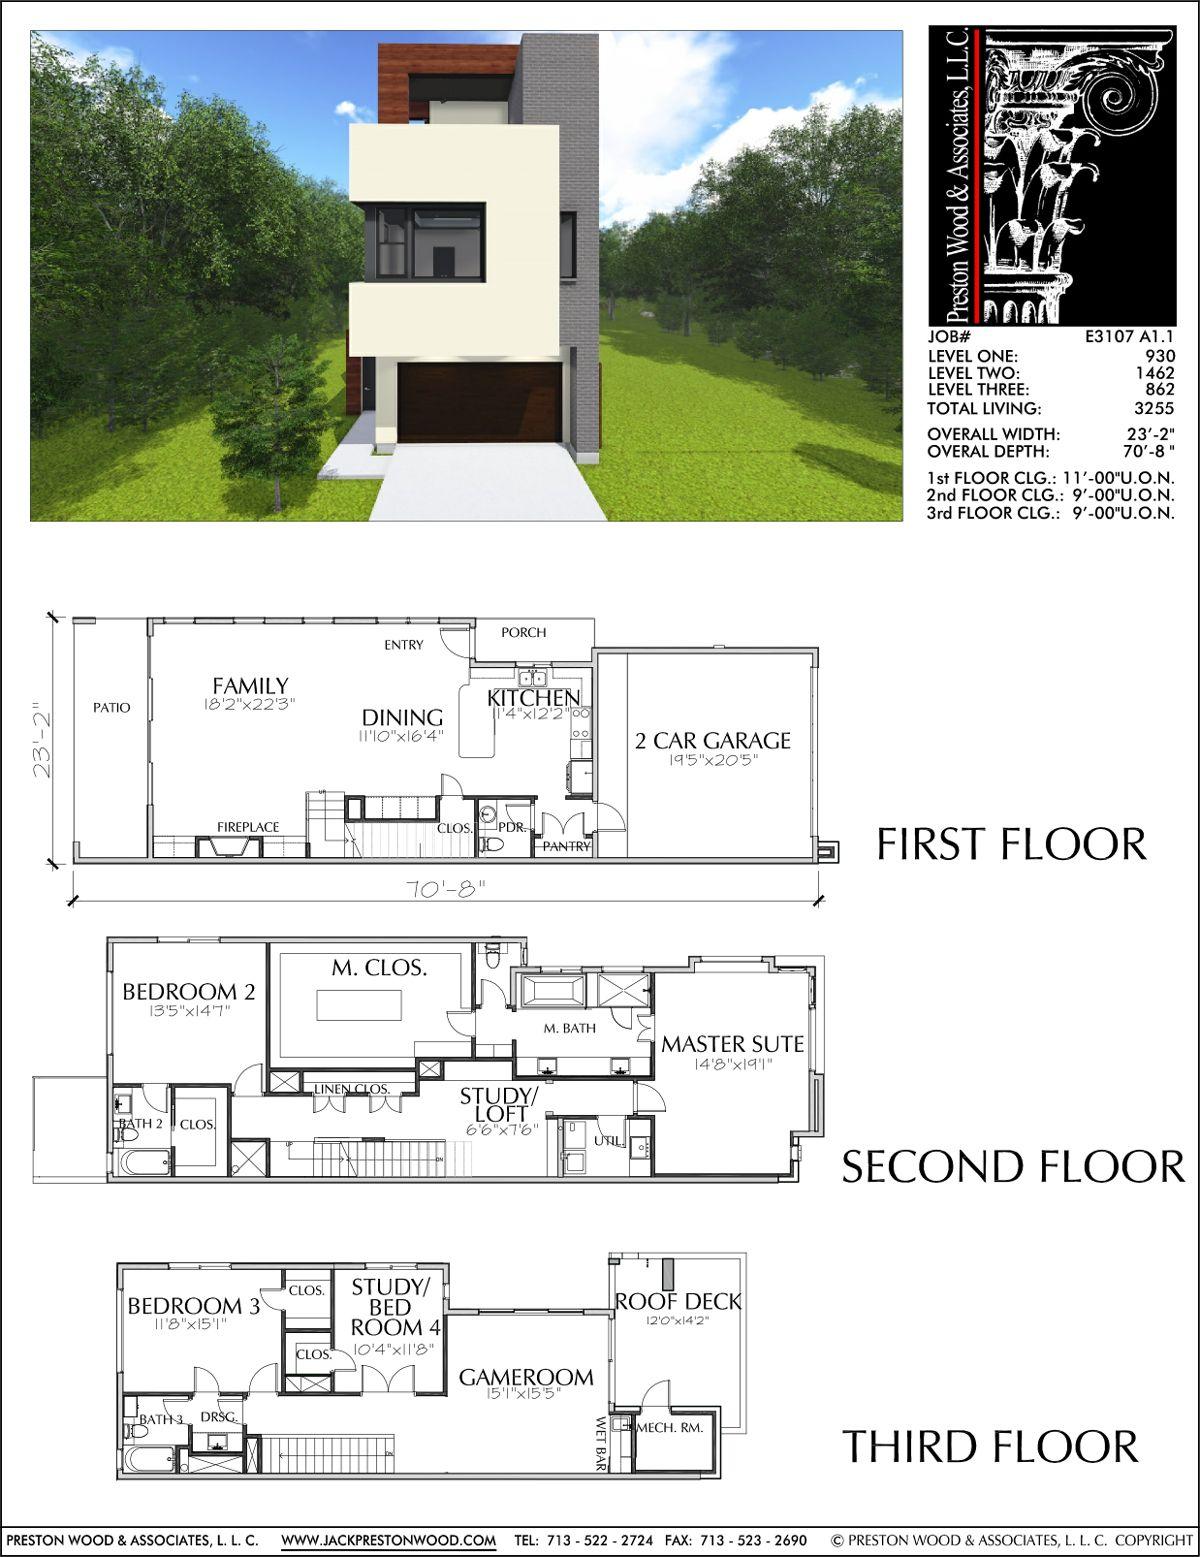 KATY AND HOUSTON Townhouse Plan E3107 A1 1 Diseños de